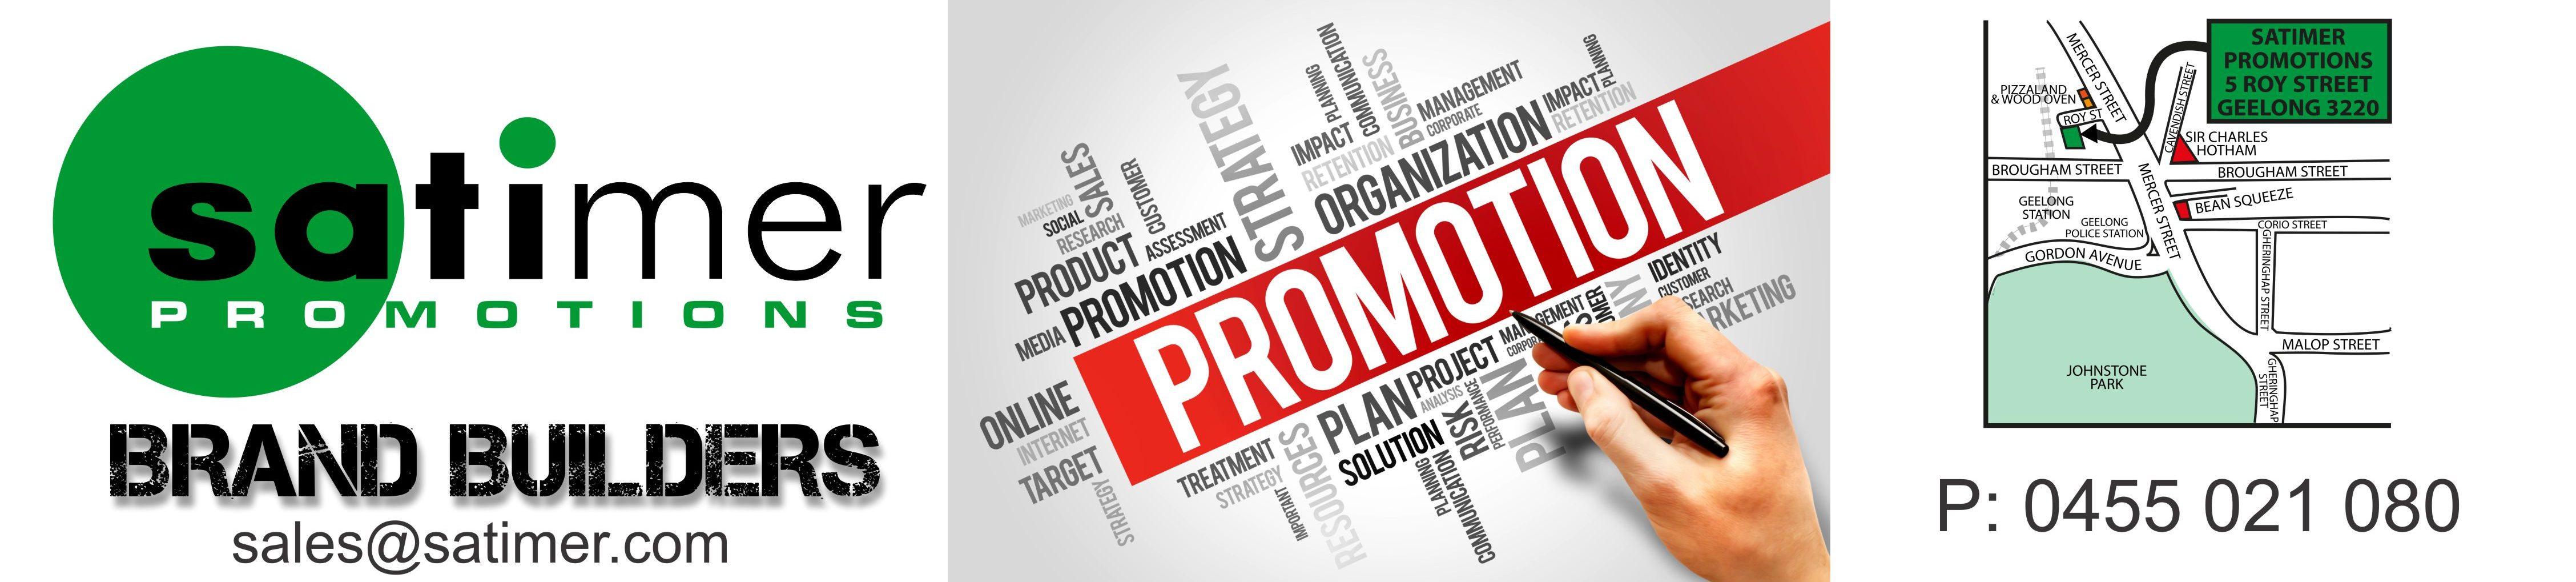 Satimer Promotions